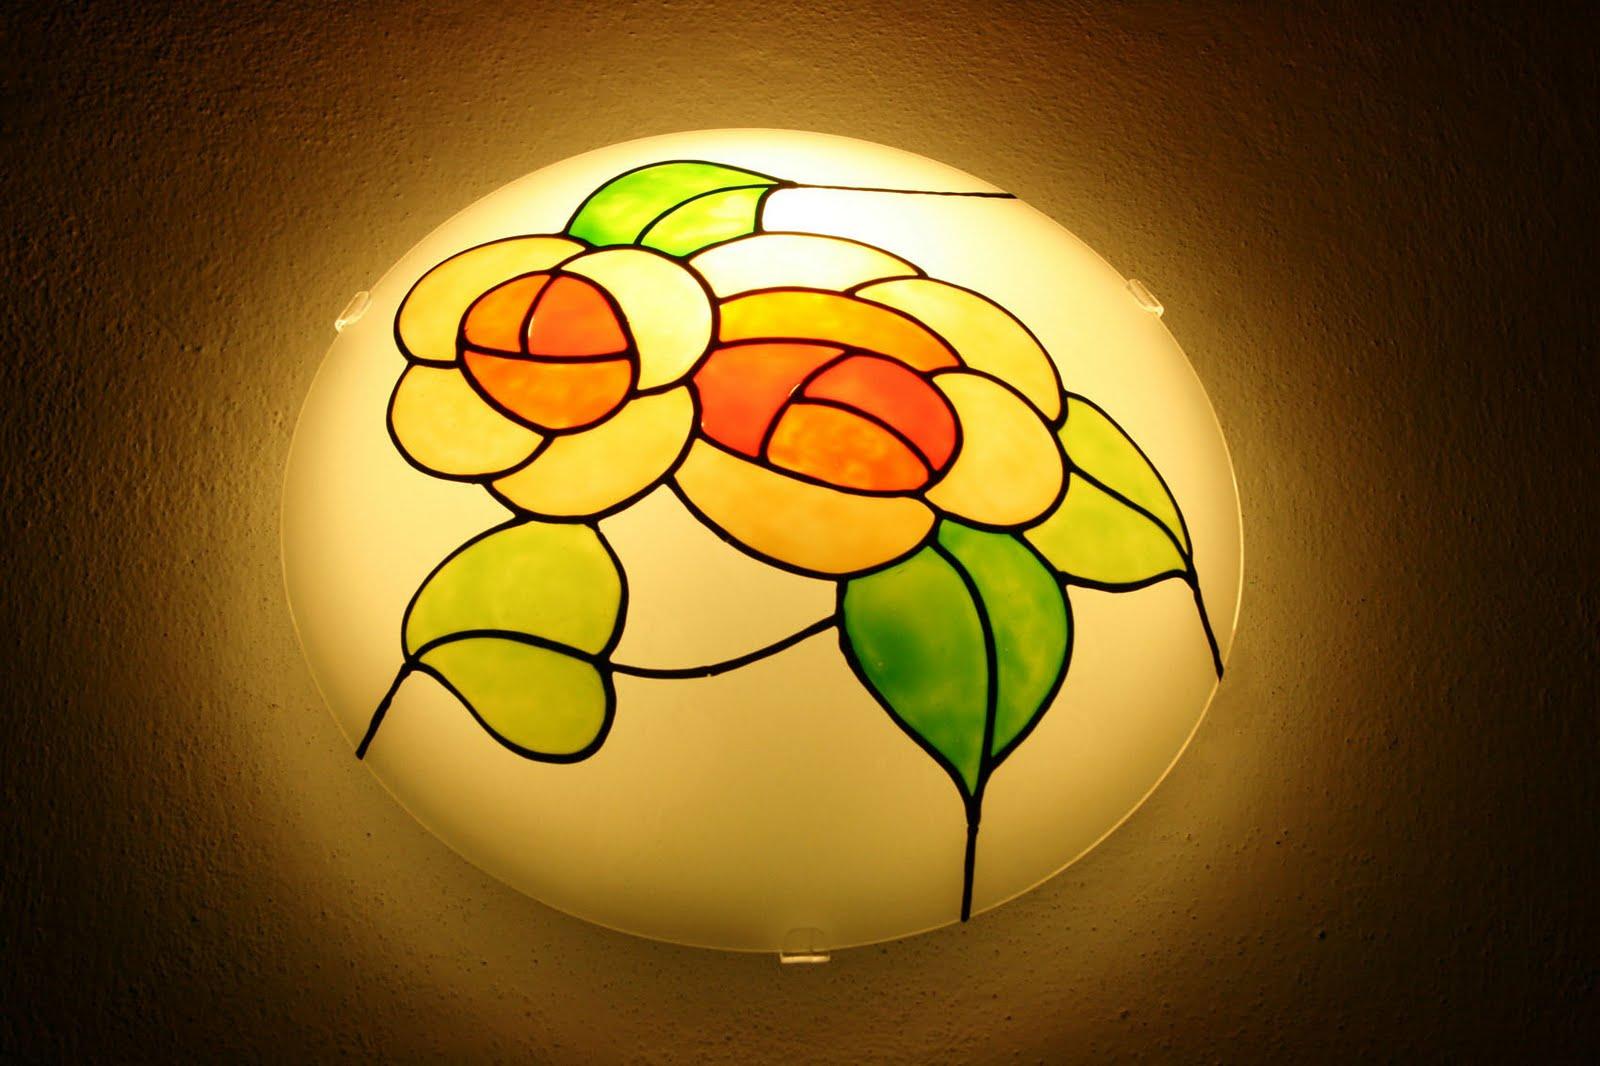 ... riposizionabili per vetro: Decorare una lampada da muro ... Tutorial